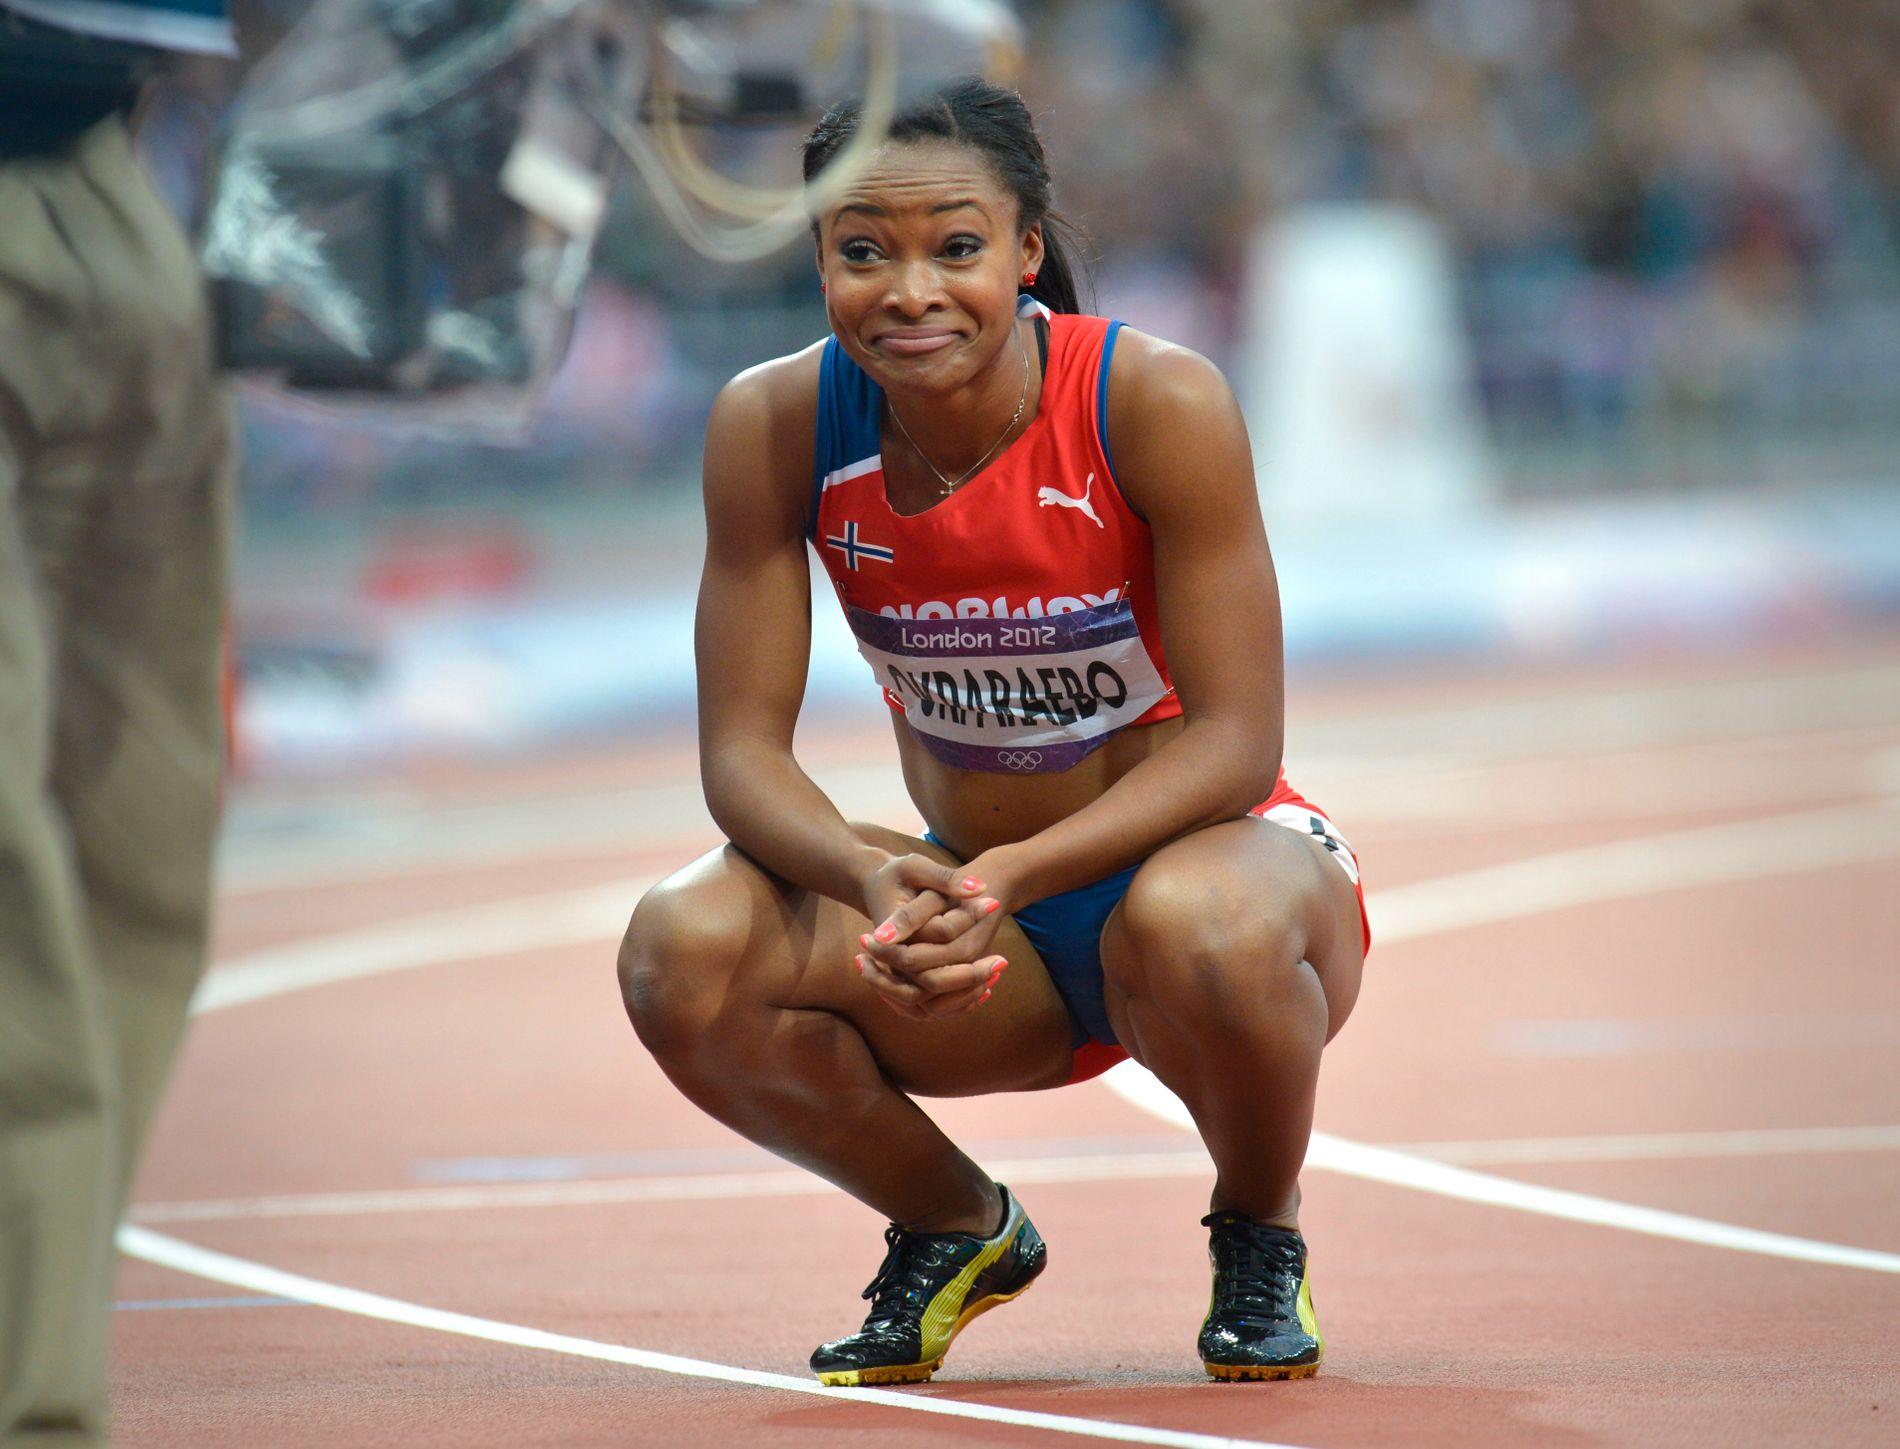 IKKE HELT KLAR: Ezinne Okparaebo (28) satte personlig rekord på 100 meter med 11,10 i semifinalen London-OL. For å bli klar til Rio-OL må hun løpe på 11,20 senest i friidretts-EM i Amsterdam 6. til 10. juli.